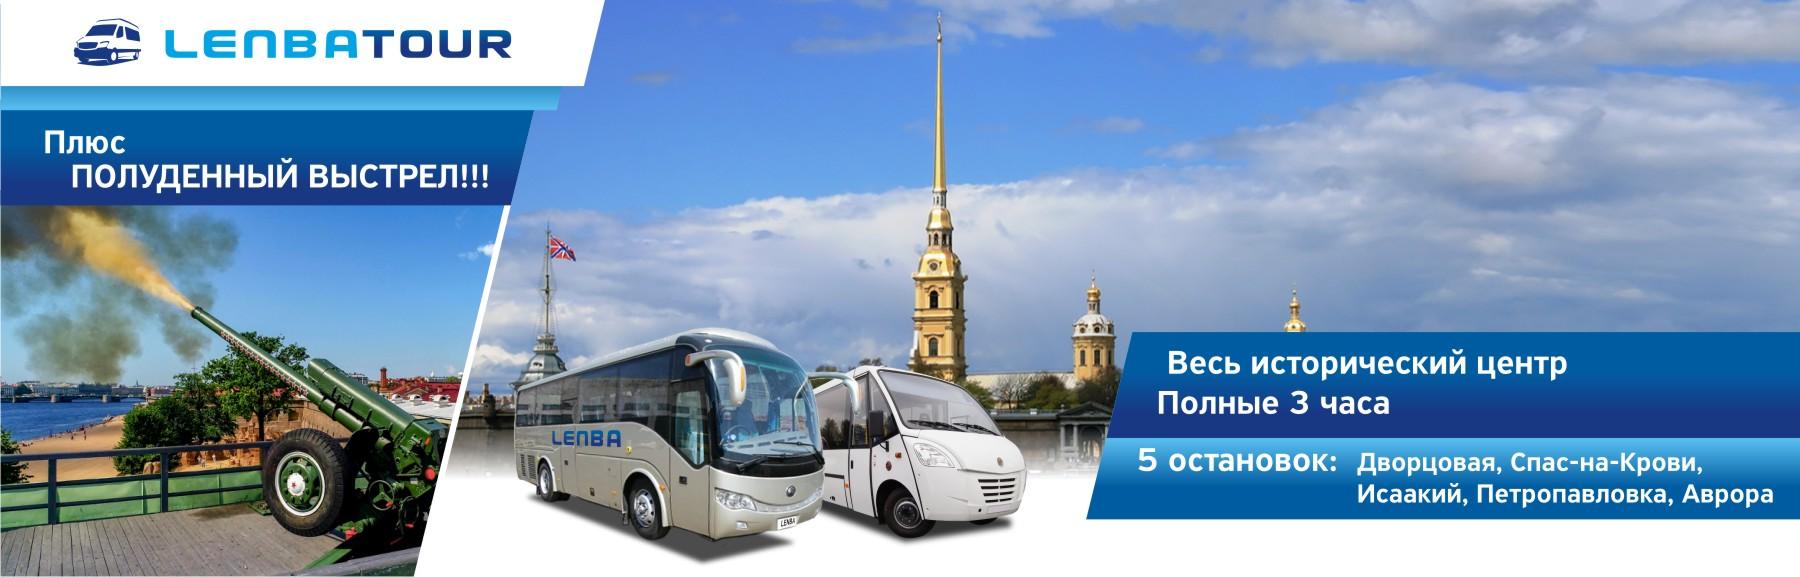 Обзорная автобусная экскурсия